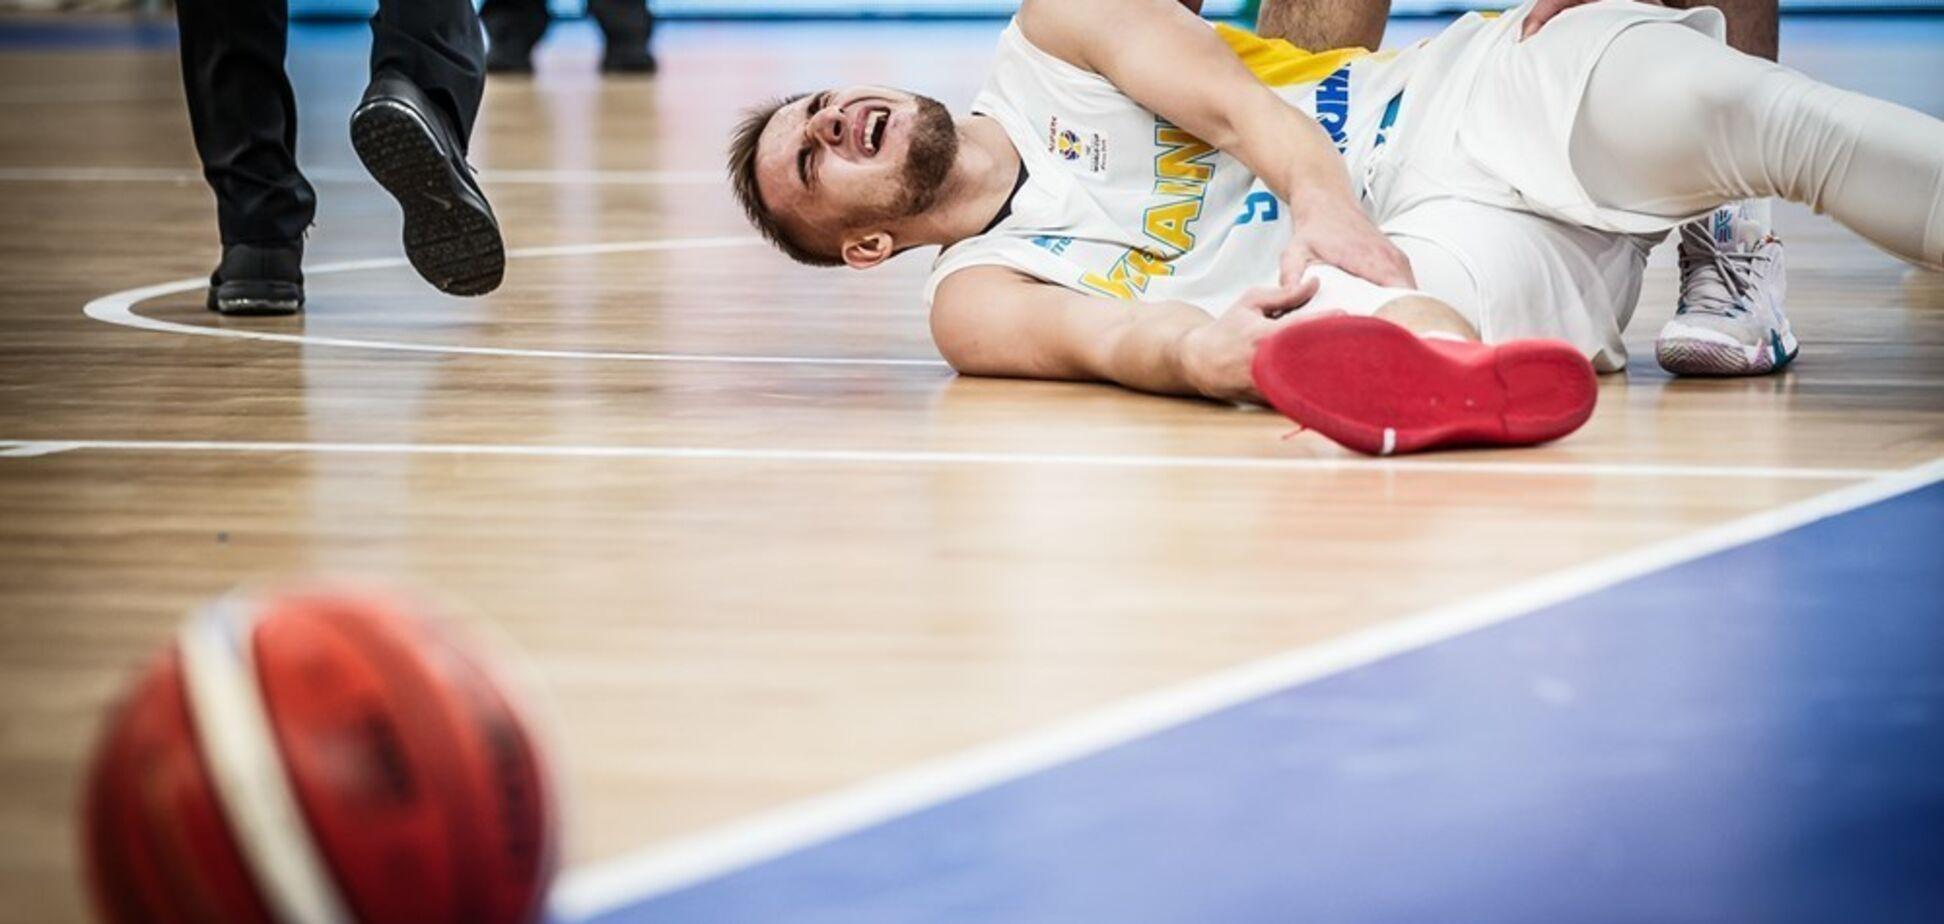 Україна зазнала серйозної втрати у відборі КС з баскетболу